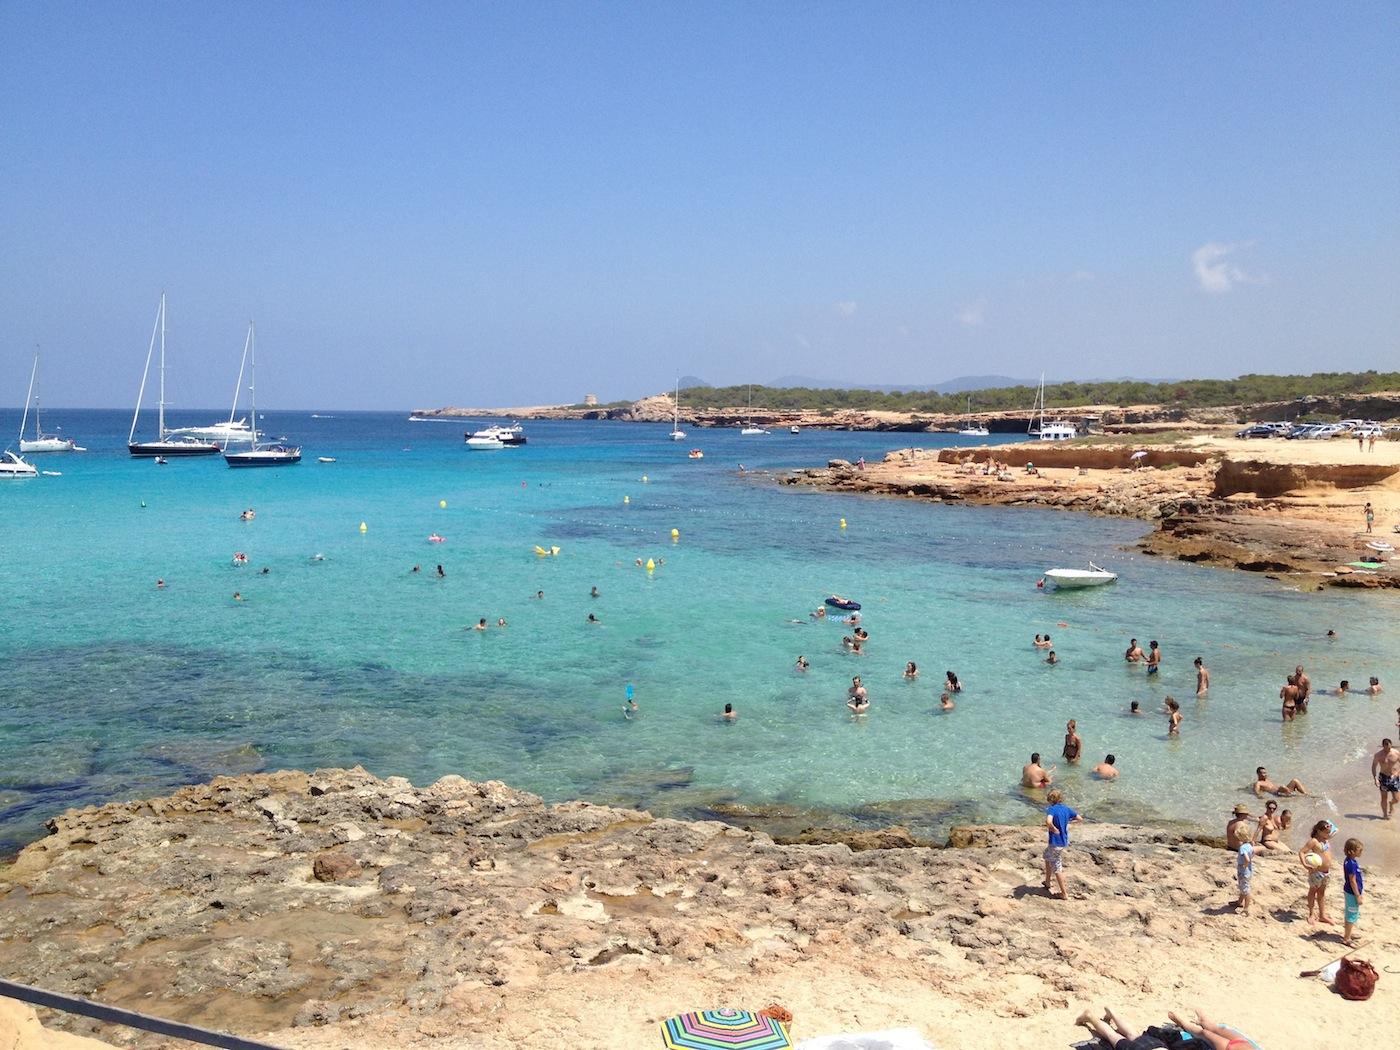 Остров Ибица, Испания и его пляжи. Путеводитель по курорту, достопримечательности, активный досуг, погода, когда ехать